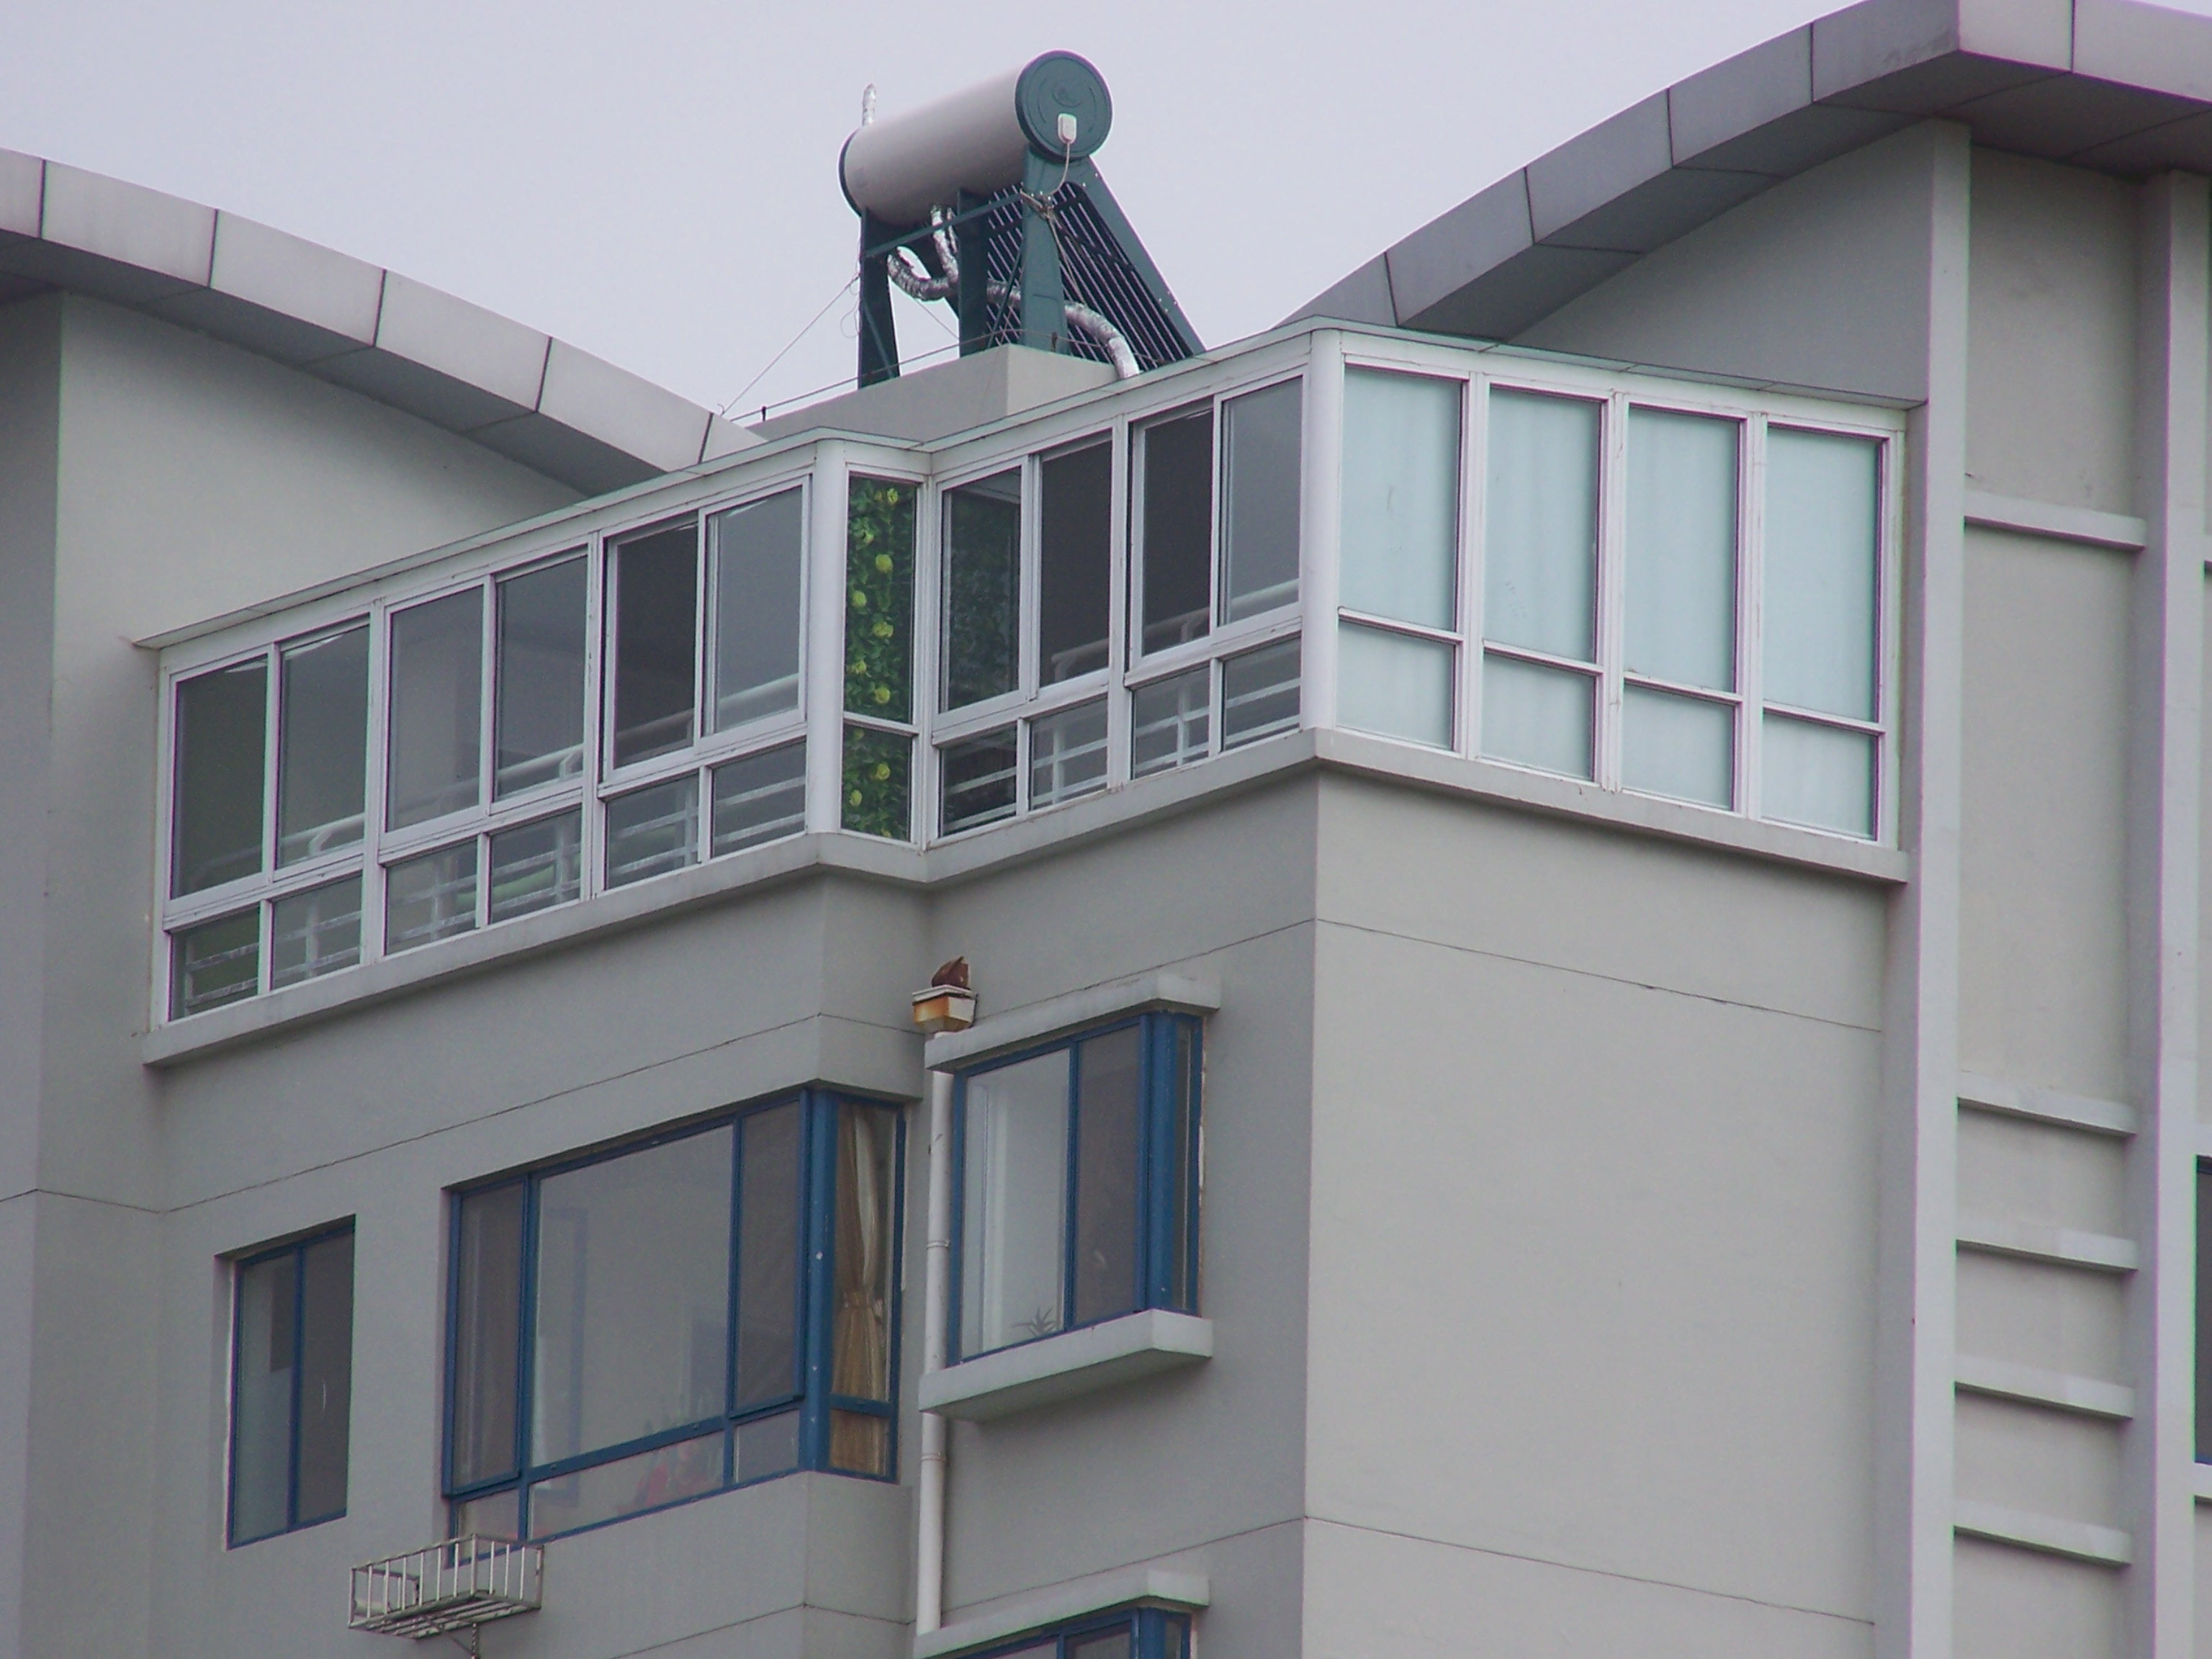 青岛断桥铝合金门窗/青岛钢结构工程青岛阳光房-商务